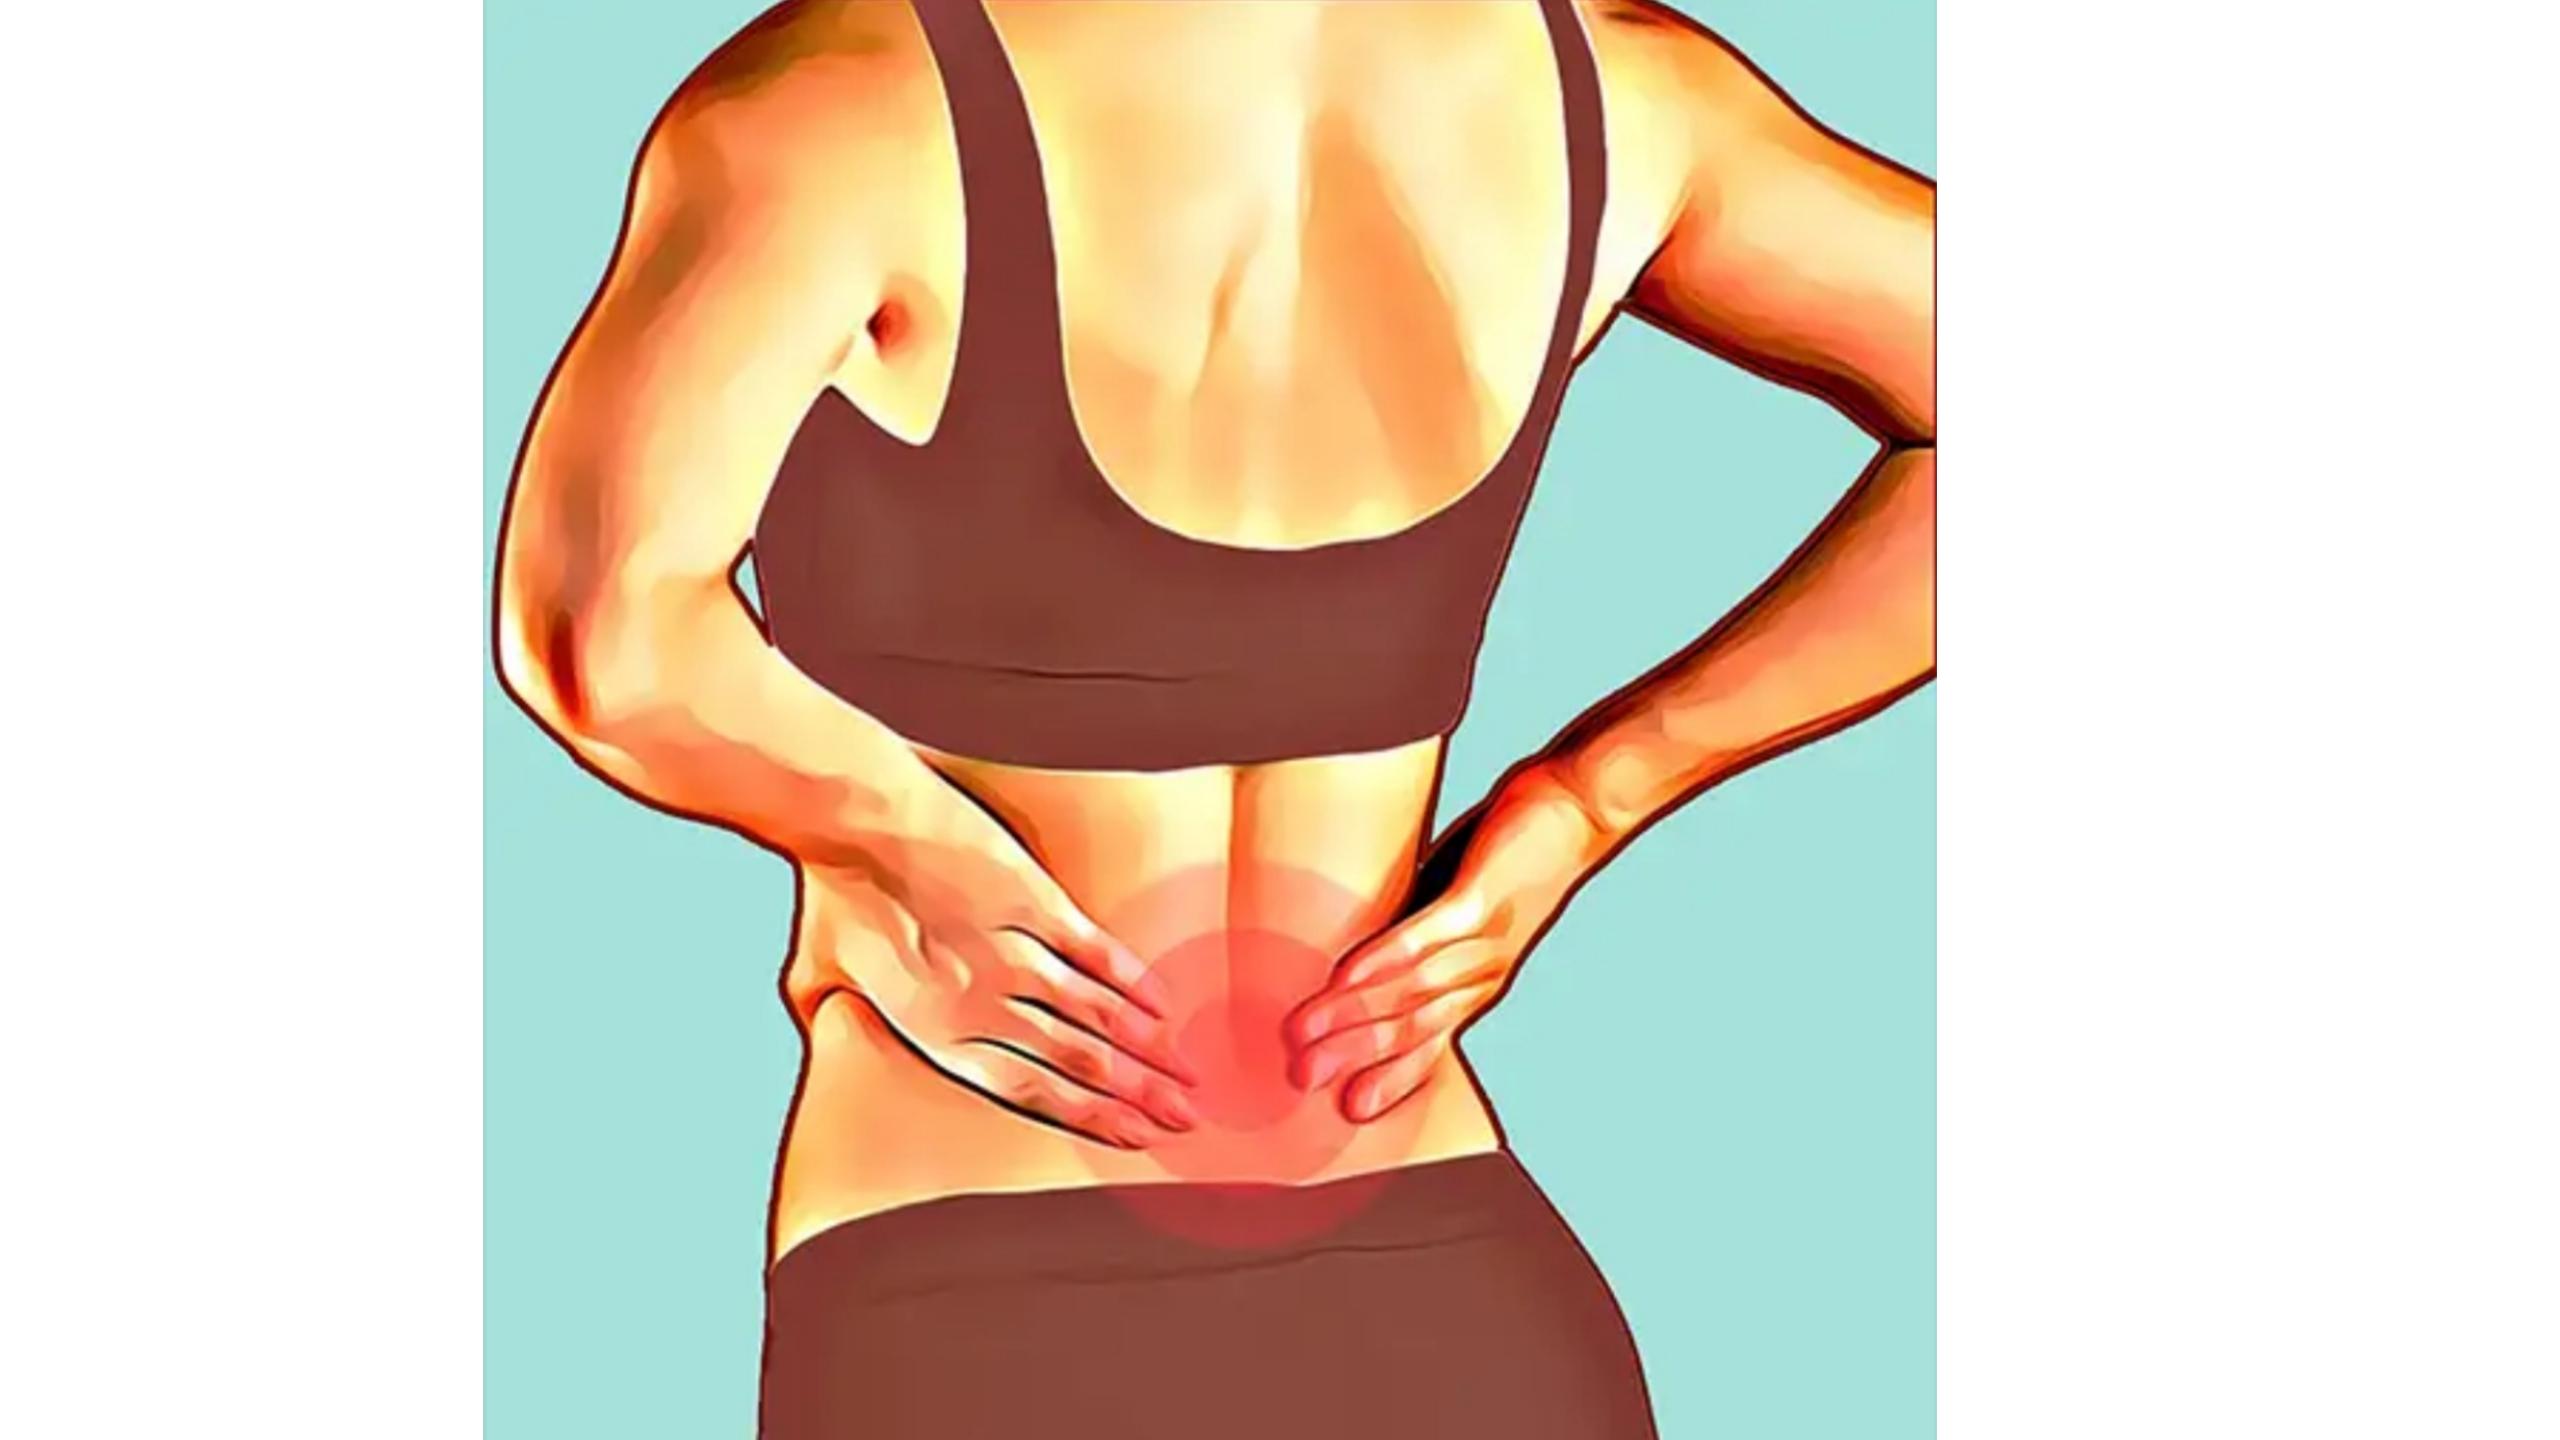 доровая спина и прямая осанка Тренировка спины APK